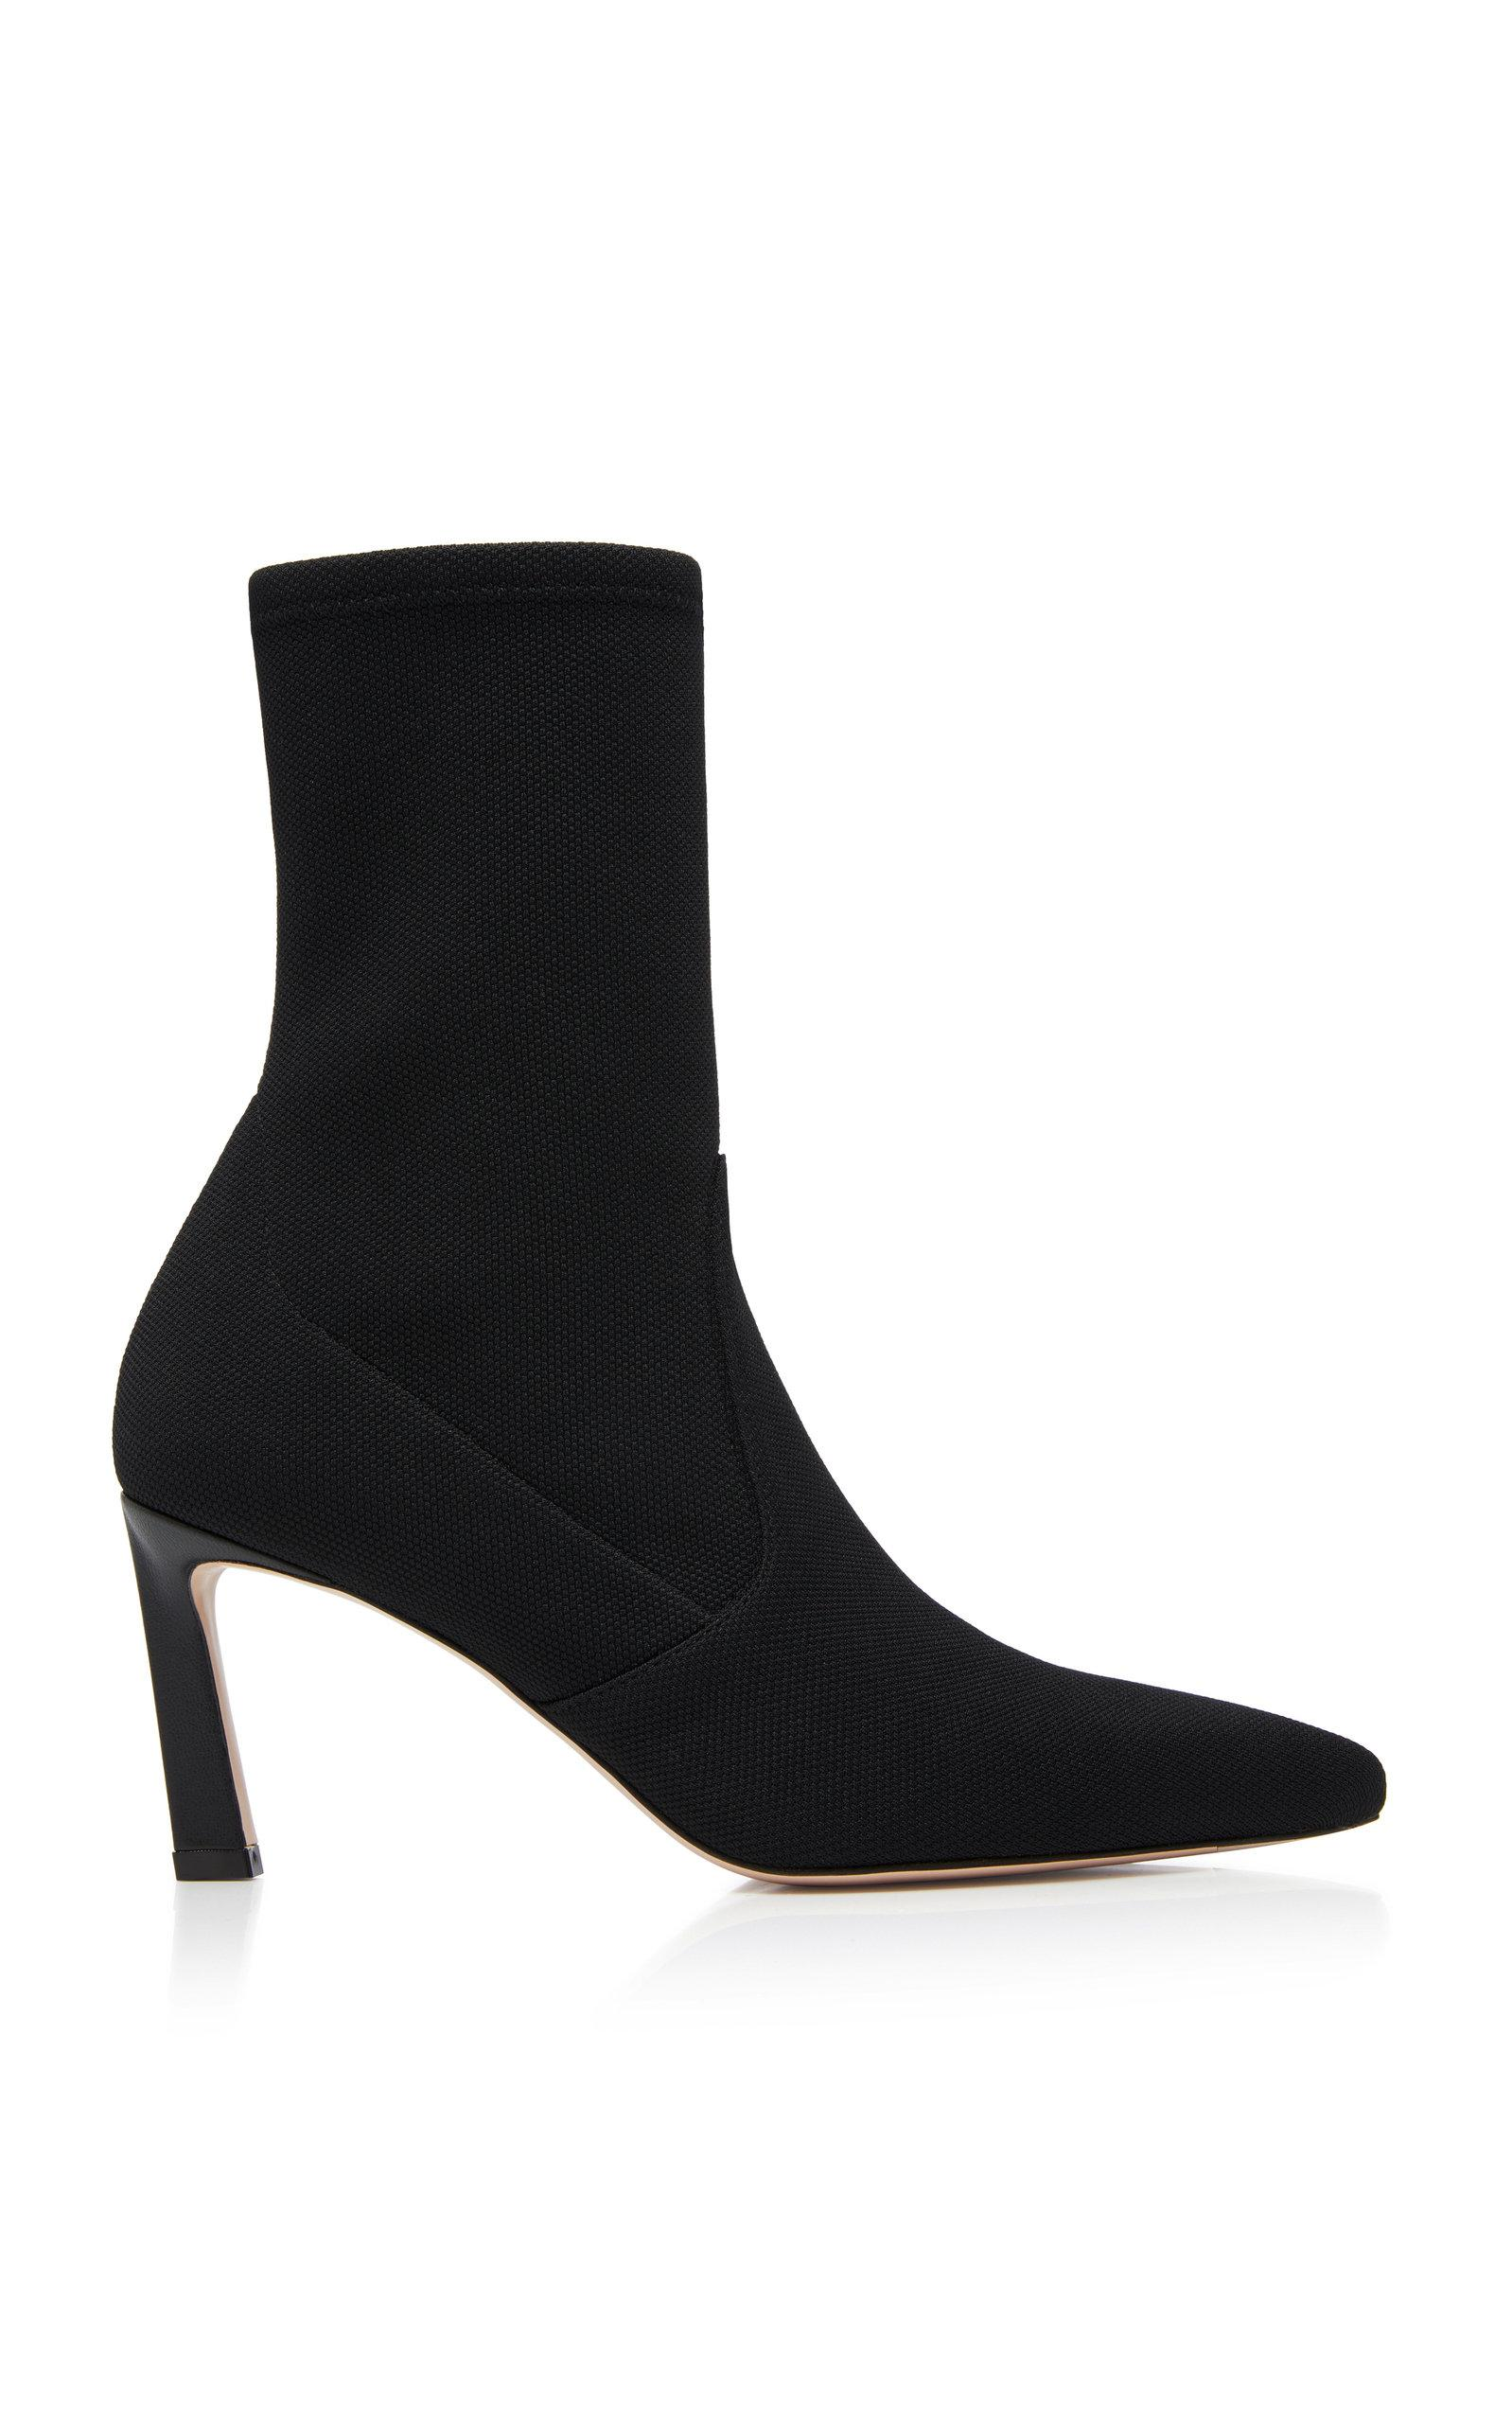 Stuart WeitzmanRapture ankle boots Vente Extrêmement Boutique En Ligne Pas Cher La Sortie Populaire Bas Prix GYCqi4